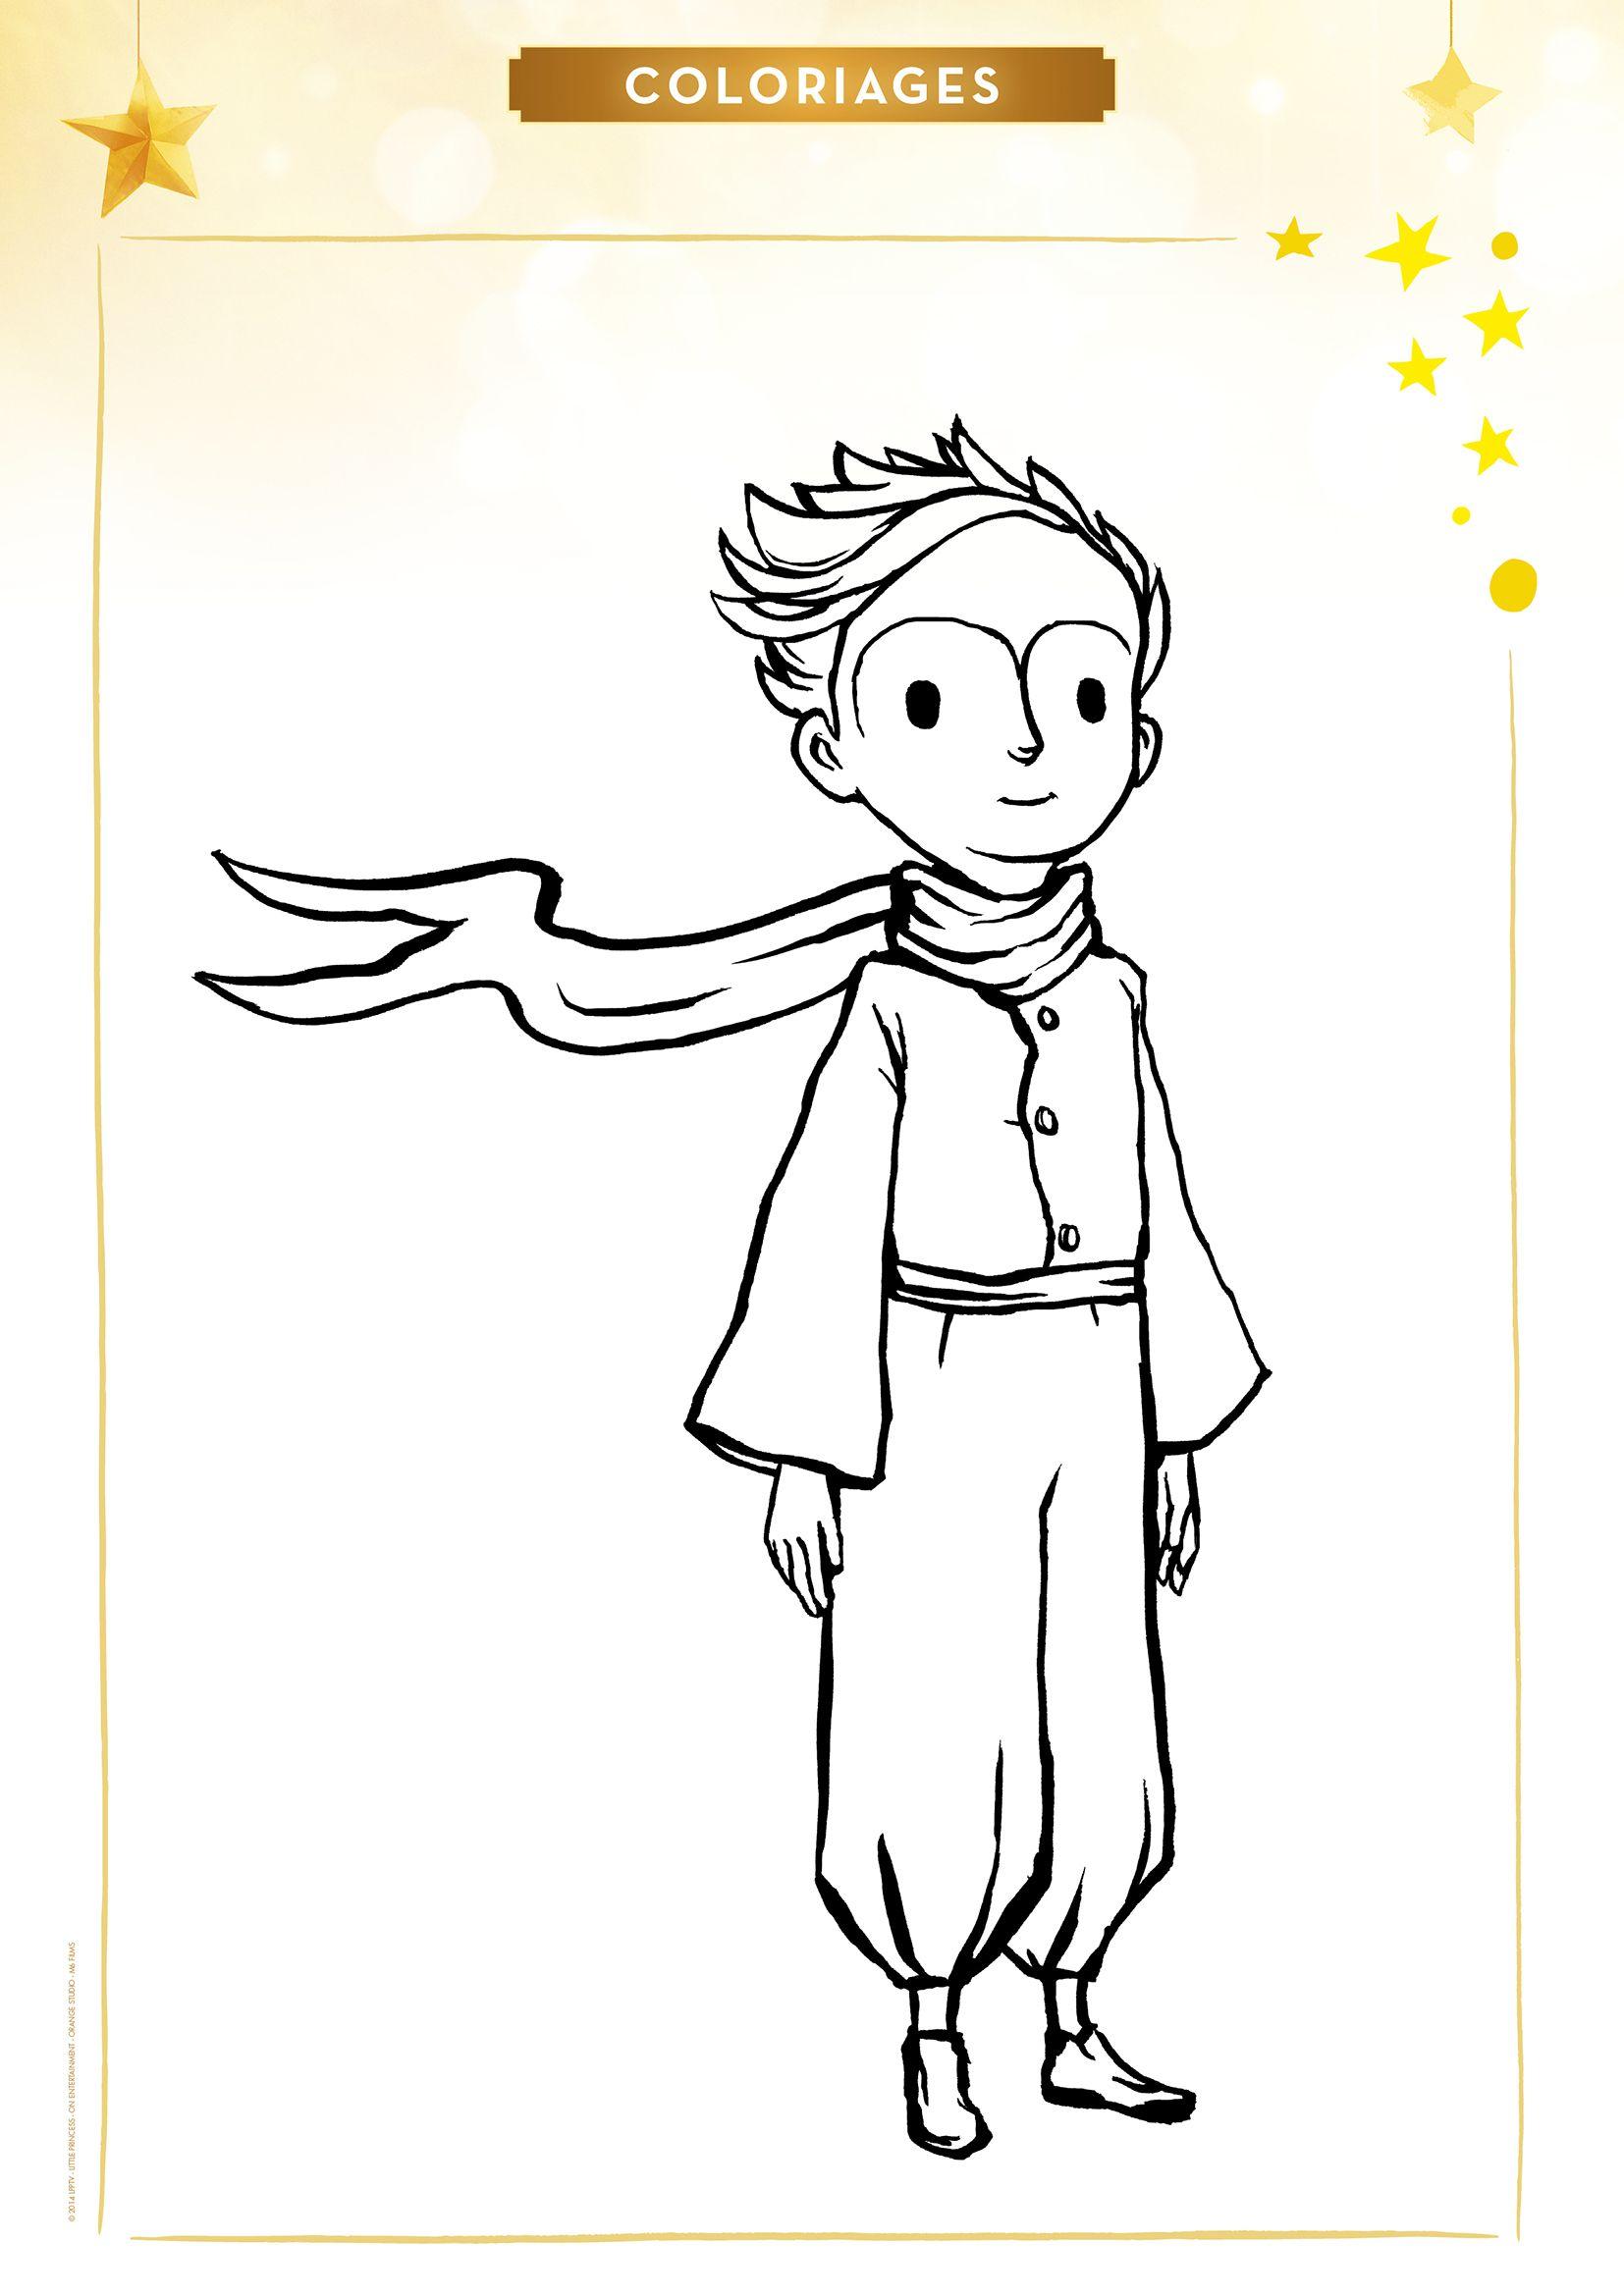 Coloriage le petit prince in 2019 le petit prince le - Coloriage petit renard ...